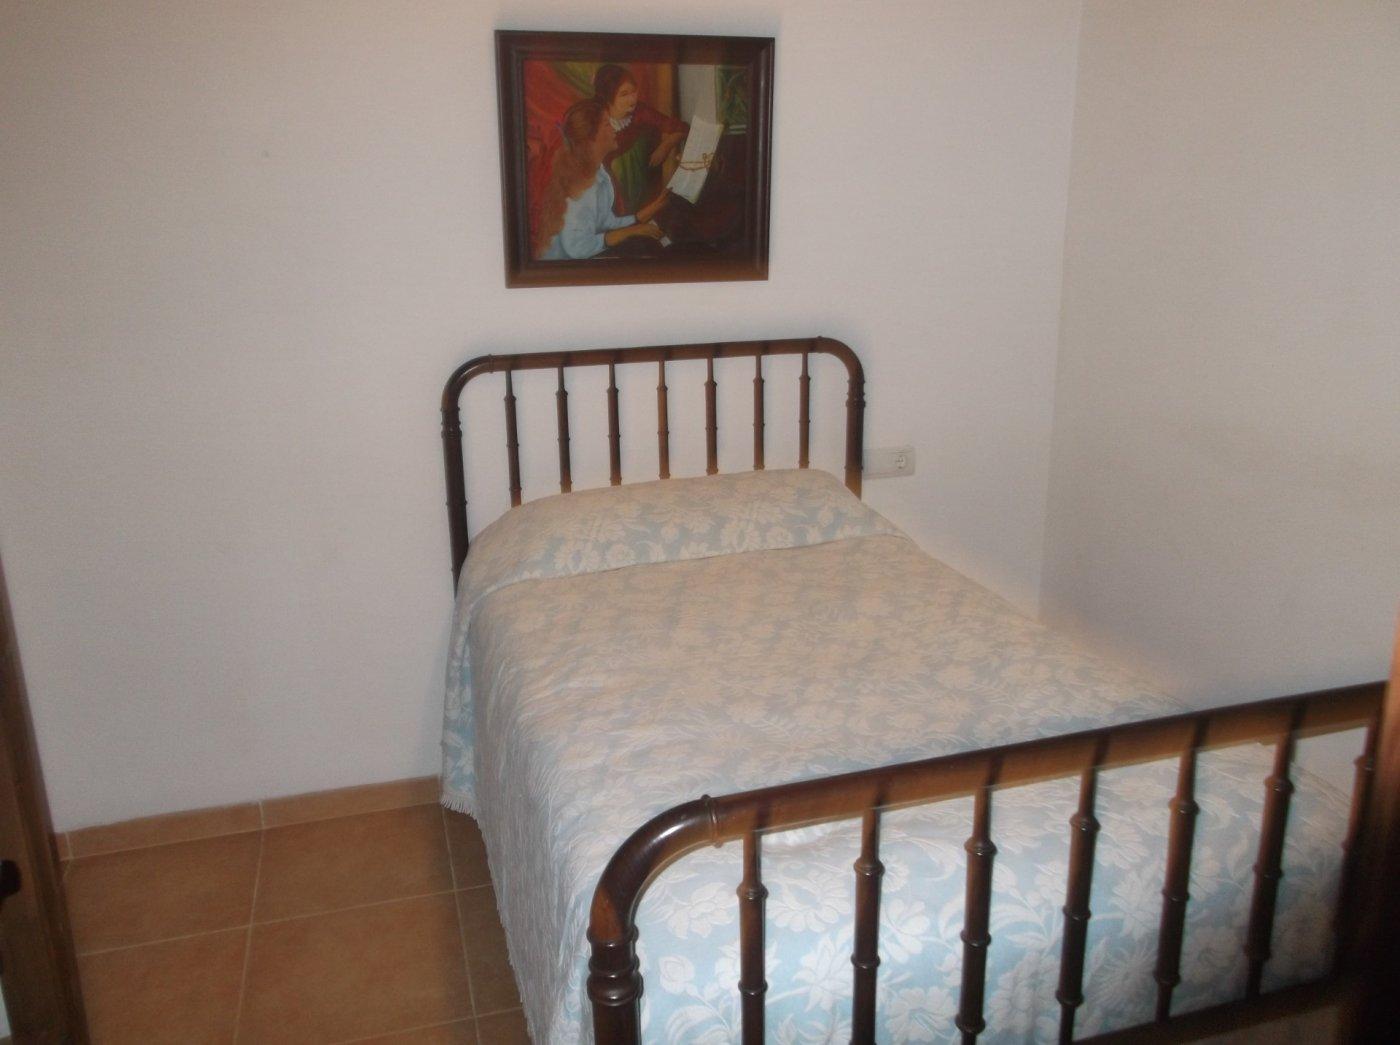 En venta casa de pueblo reformada 3 alturas estilo mallorquin centro llucmajor - imagenInmueble17